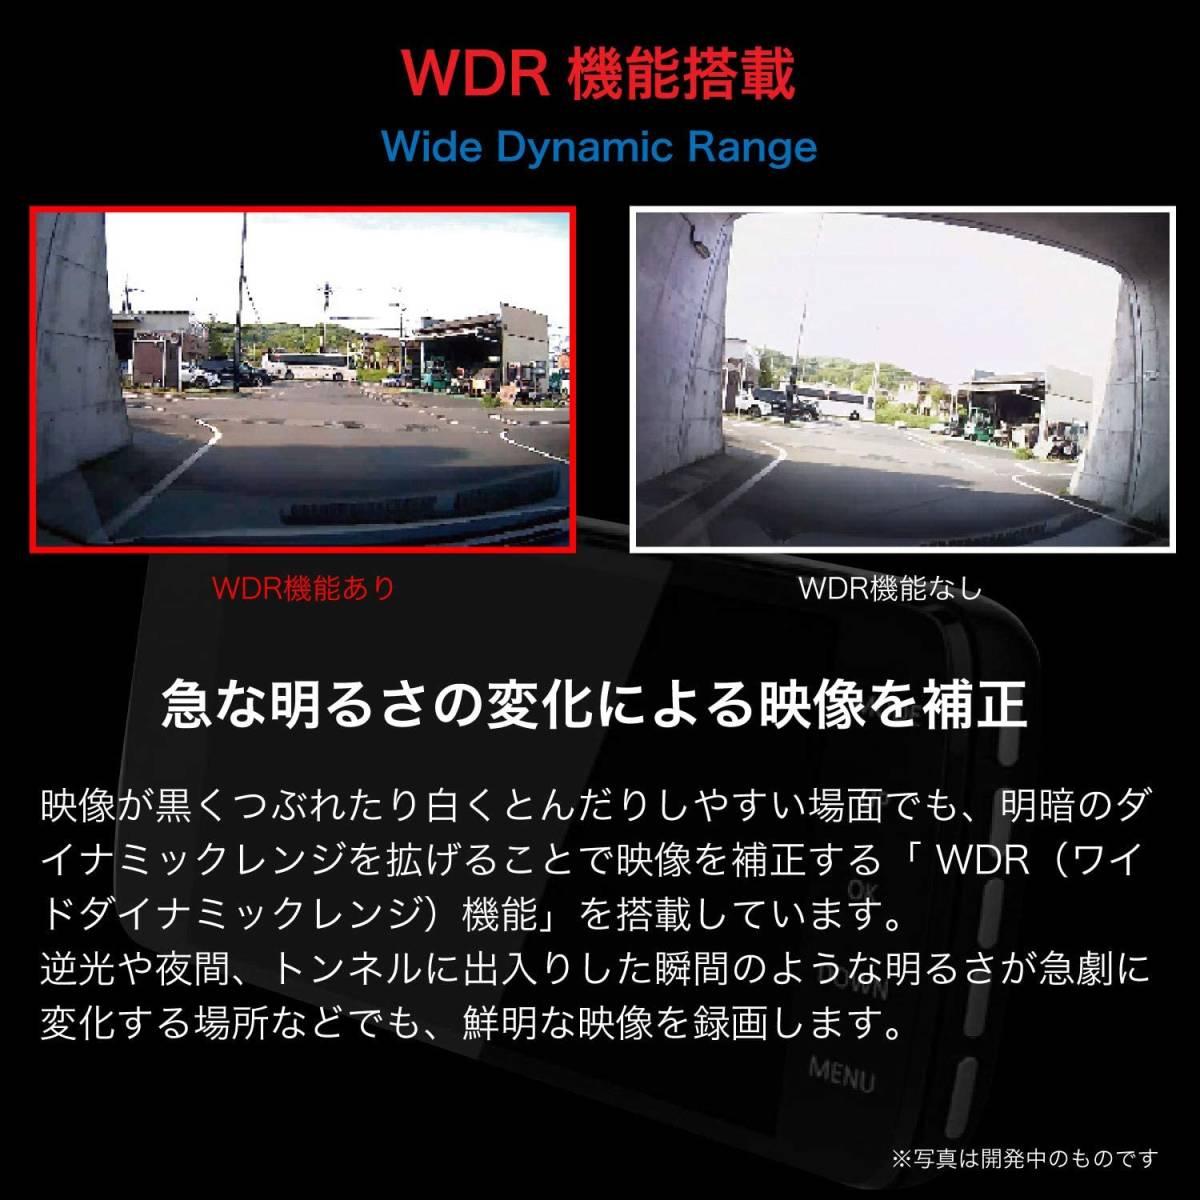 日本製 ドライブレコーダー 前後 カメラ 2カメラ 前後カメラ リアカメラ 駐車監視 衝撃録画 常時録画 モーション検知 ドラレコ_画像4